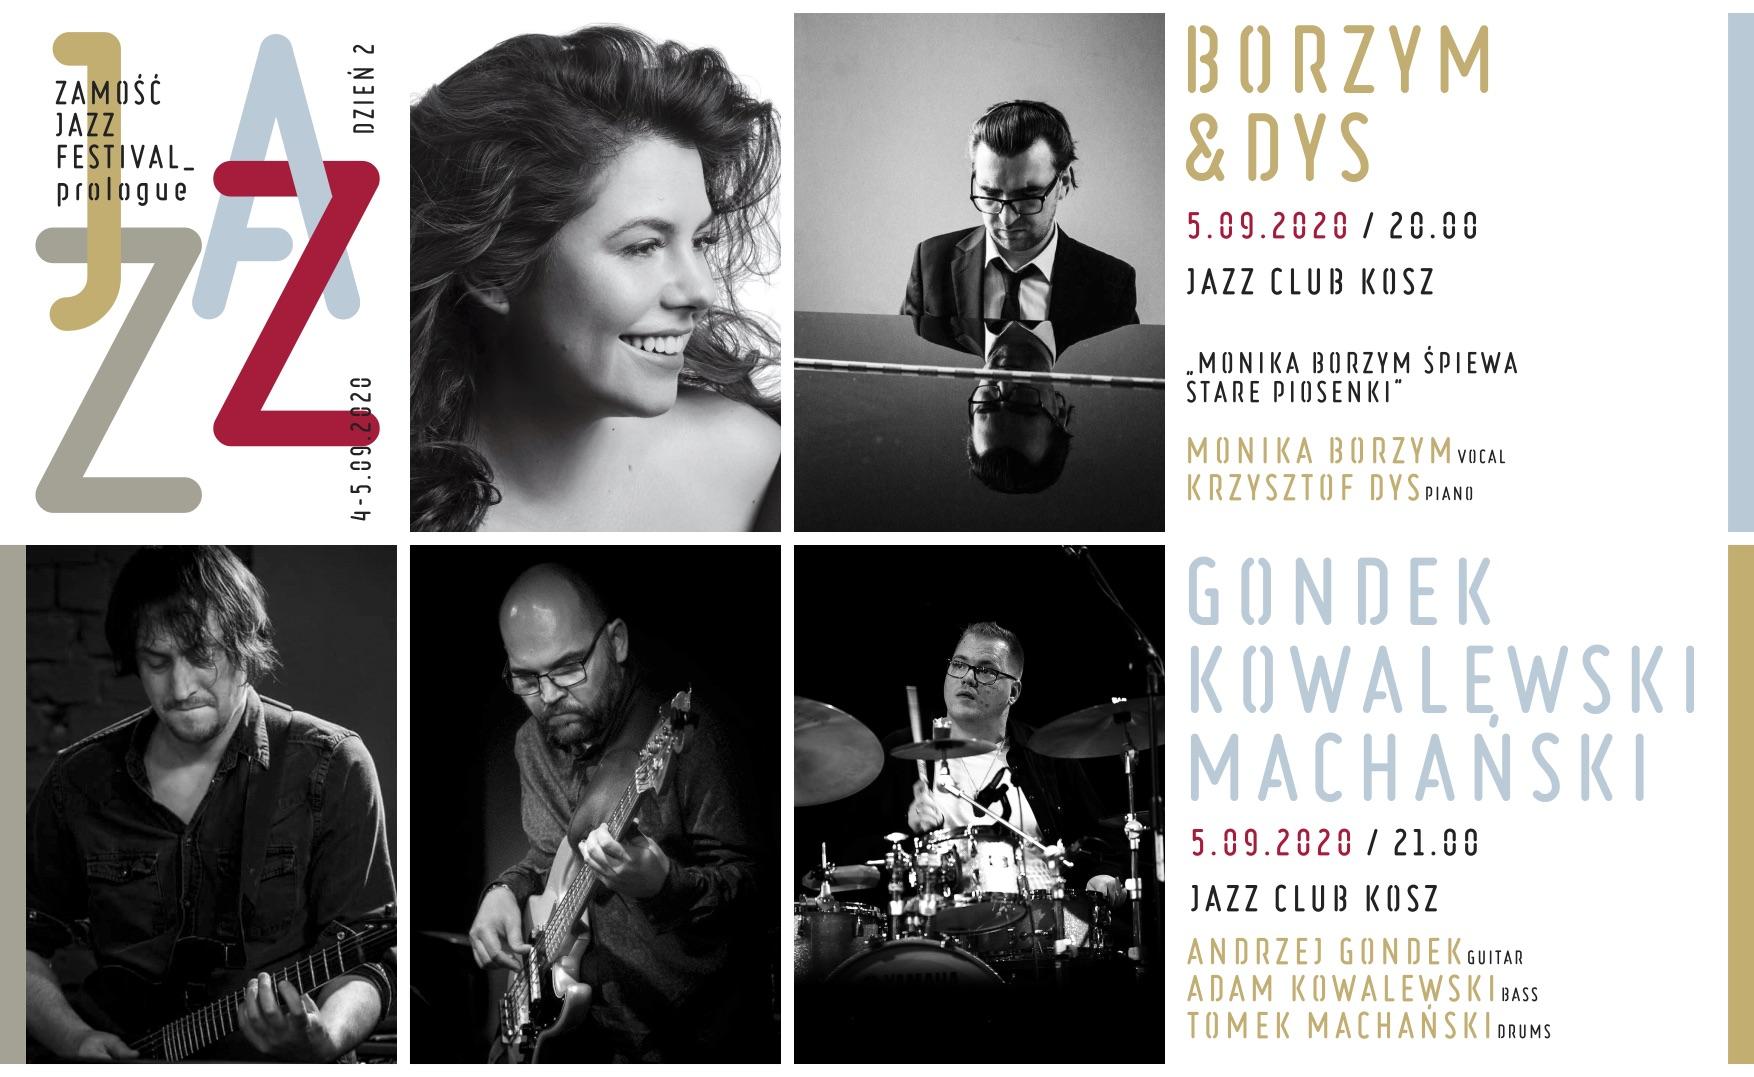 5 09 2020 internet Wielkie święto jazzu w Zamościu. Przed nami ZAMOŚĆ JAZZ FESTIVAL prologue